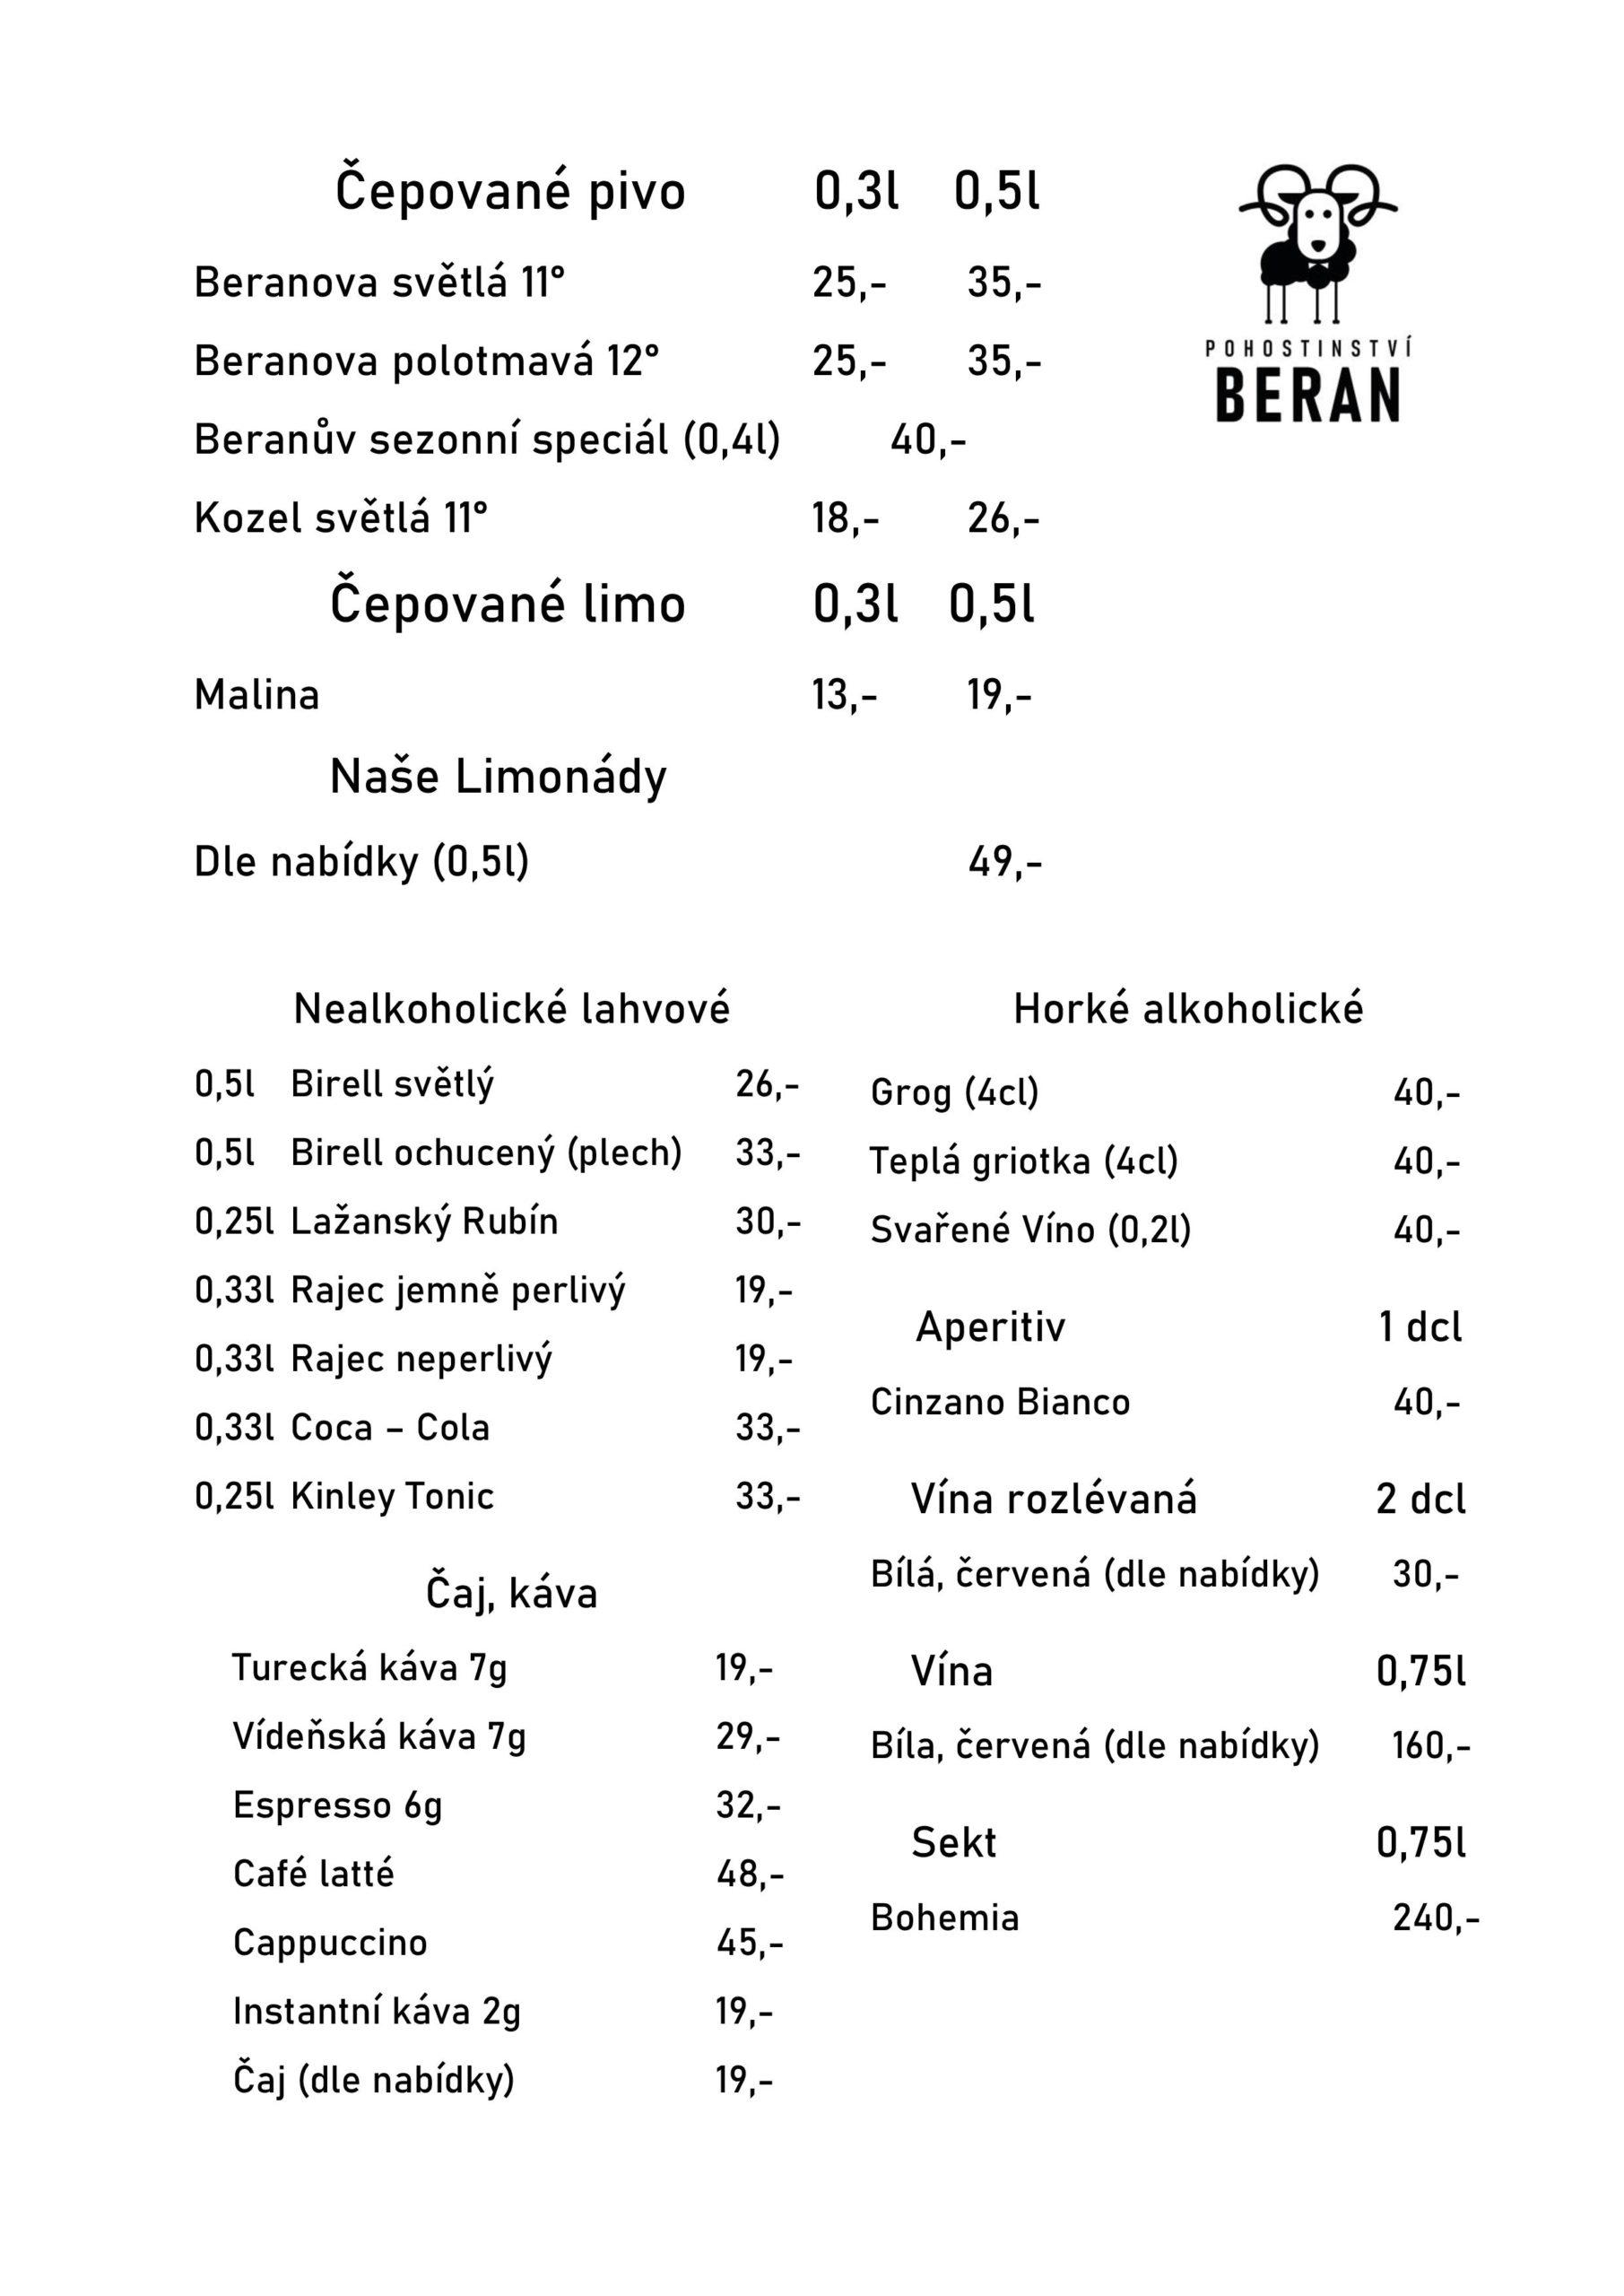 Pohostinství Beran